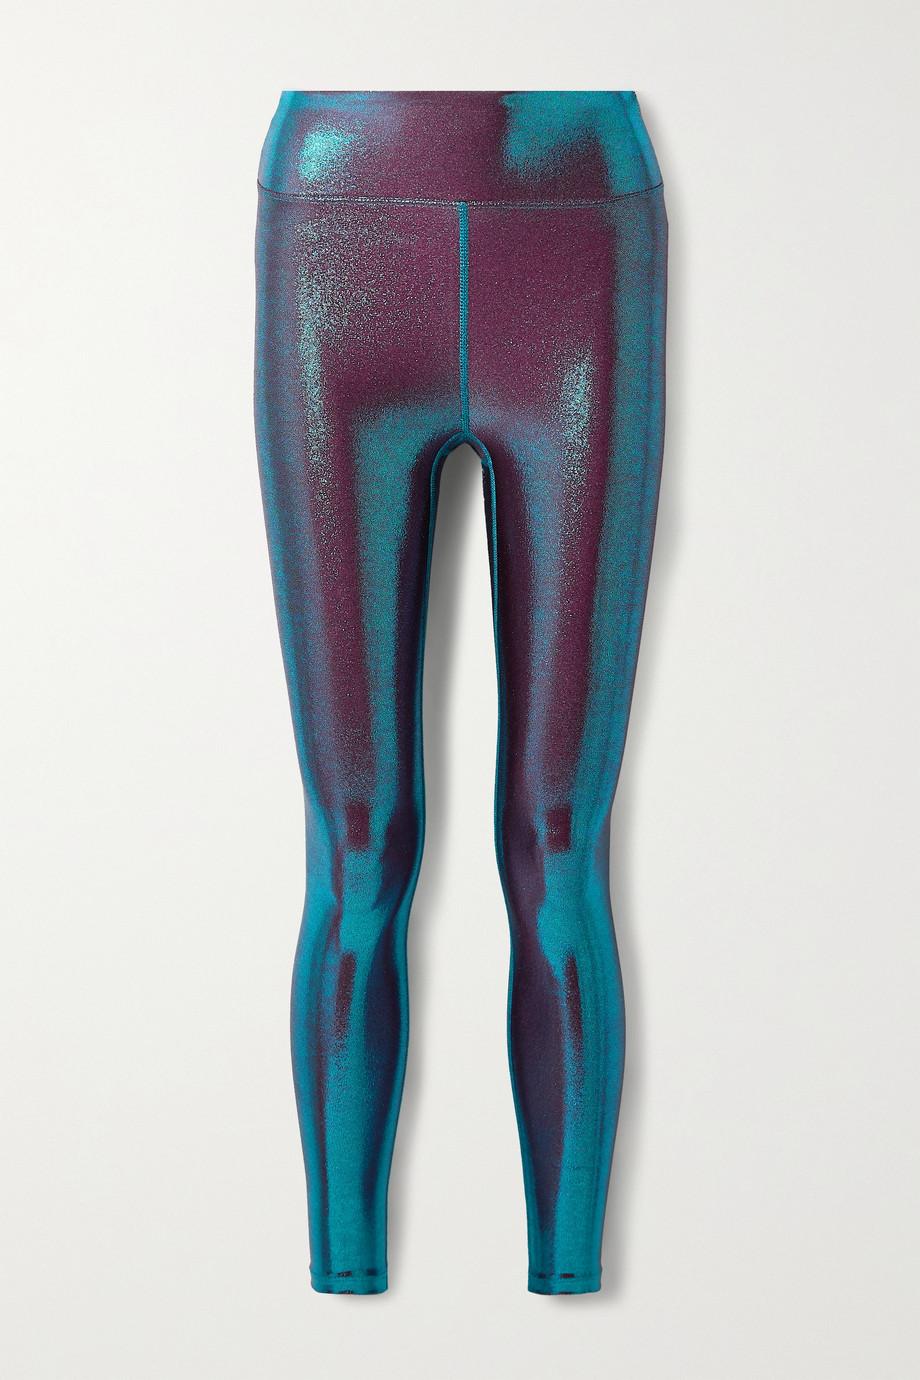 Heroine Sport Marvel iridescent stretch leggings